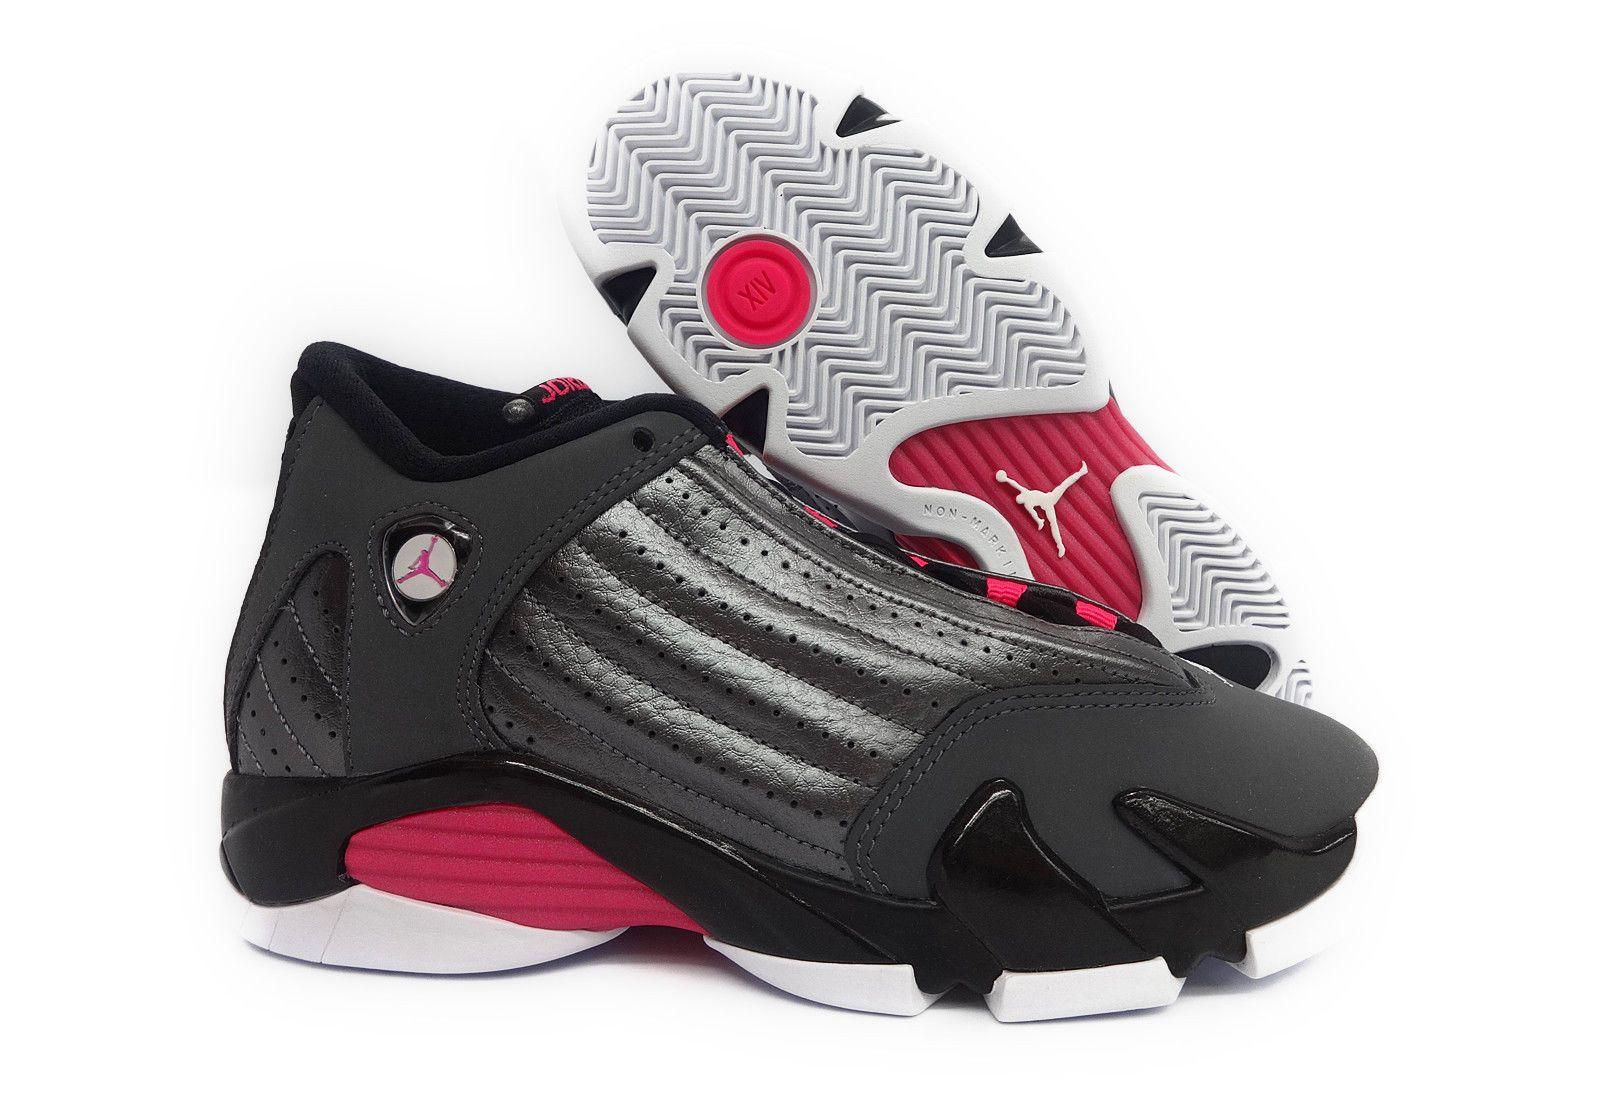 pretty nice 47237 97252 ... promo code nike air jordan 14 retro gg grey pink black white gs kids  sneaker size